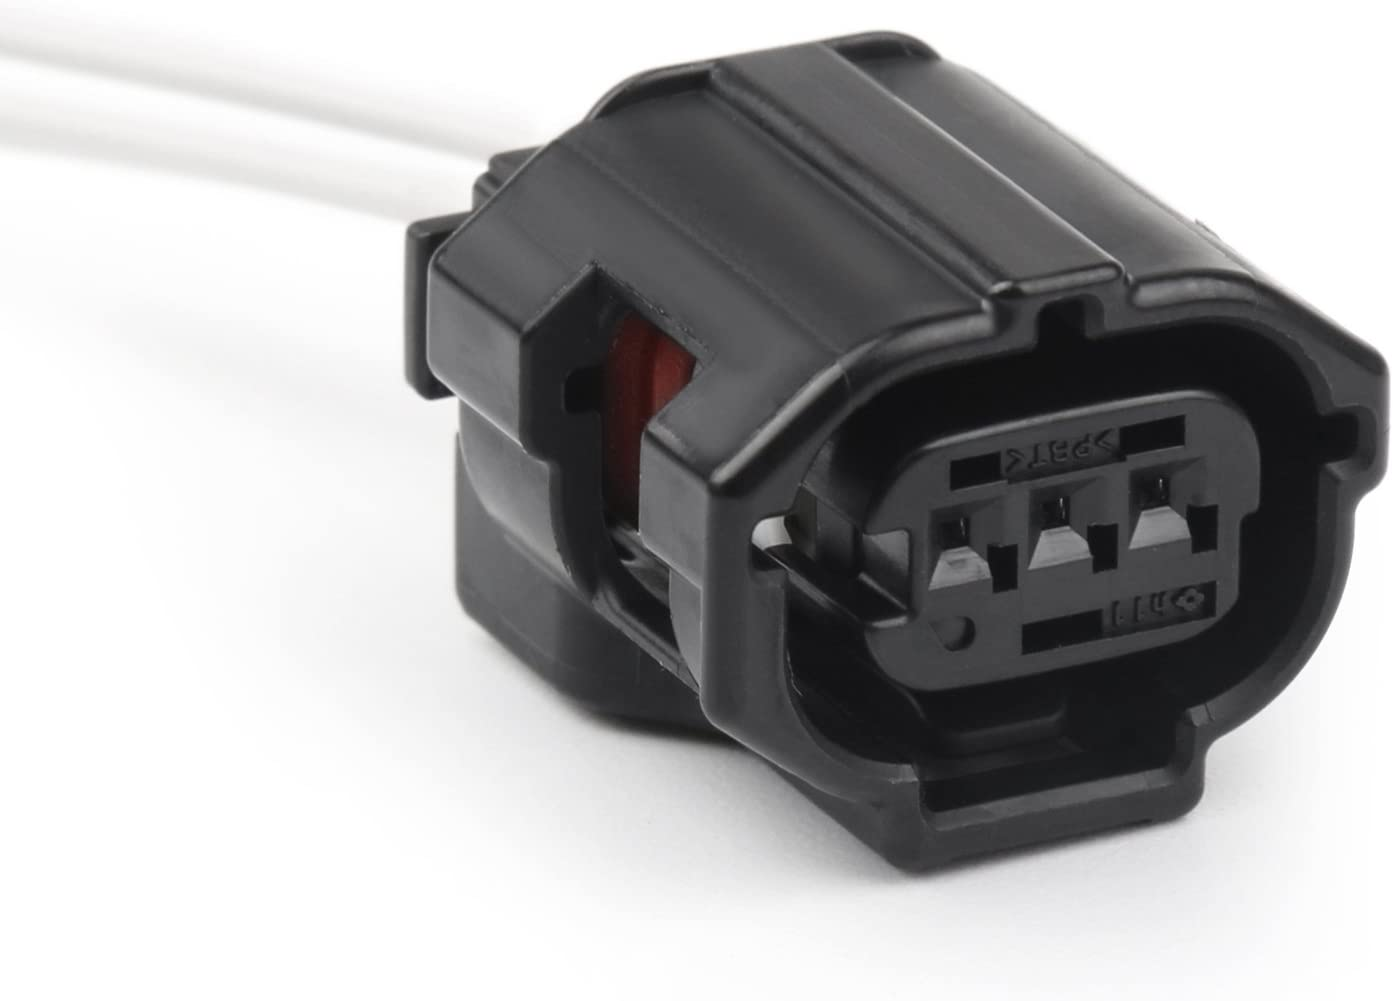 Artudatech Camshaft Position Sensor Connector Harness For Toyota Scion /& Lexus LS460 ES350x4E28;OEM 90980-12353